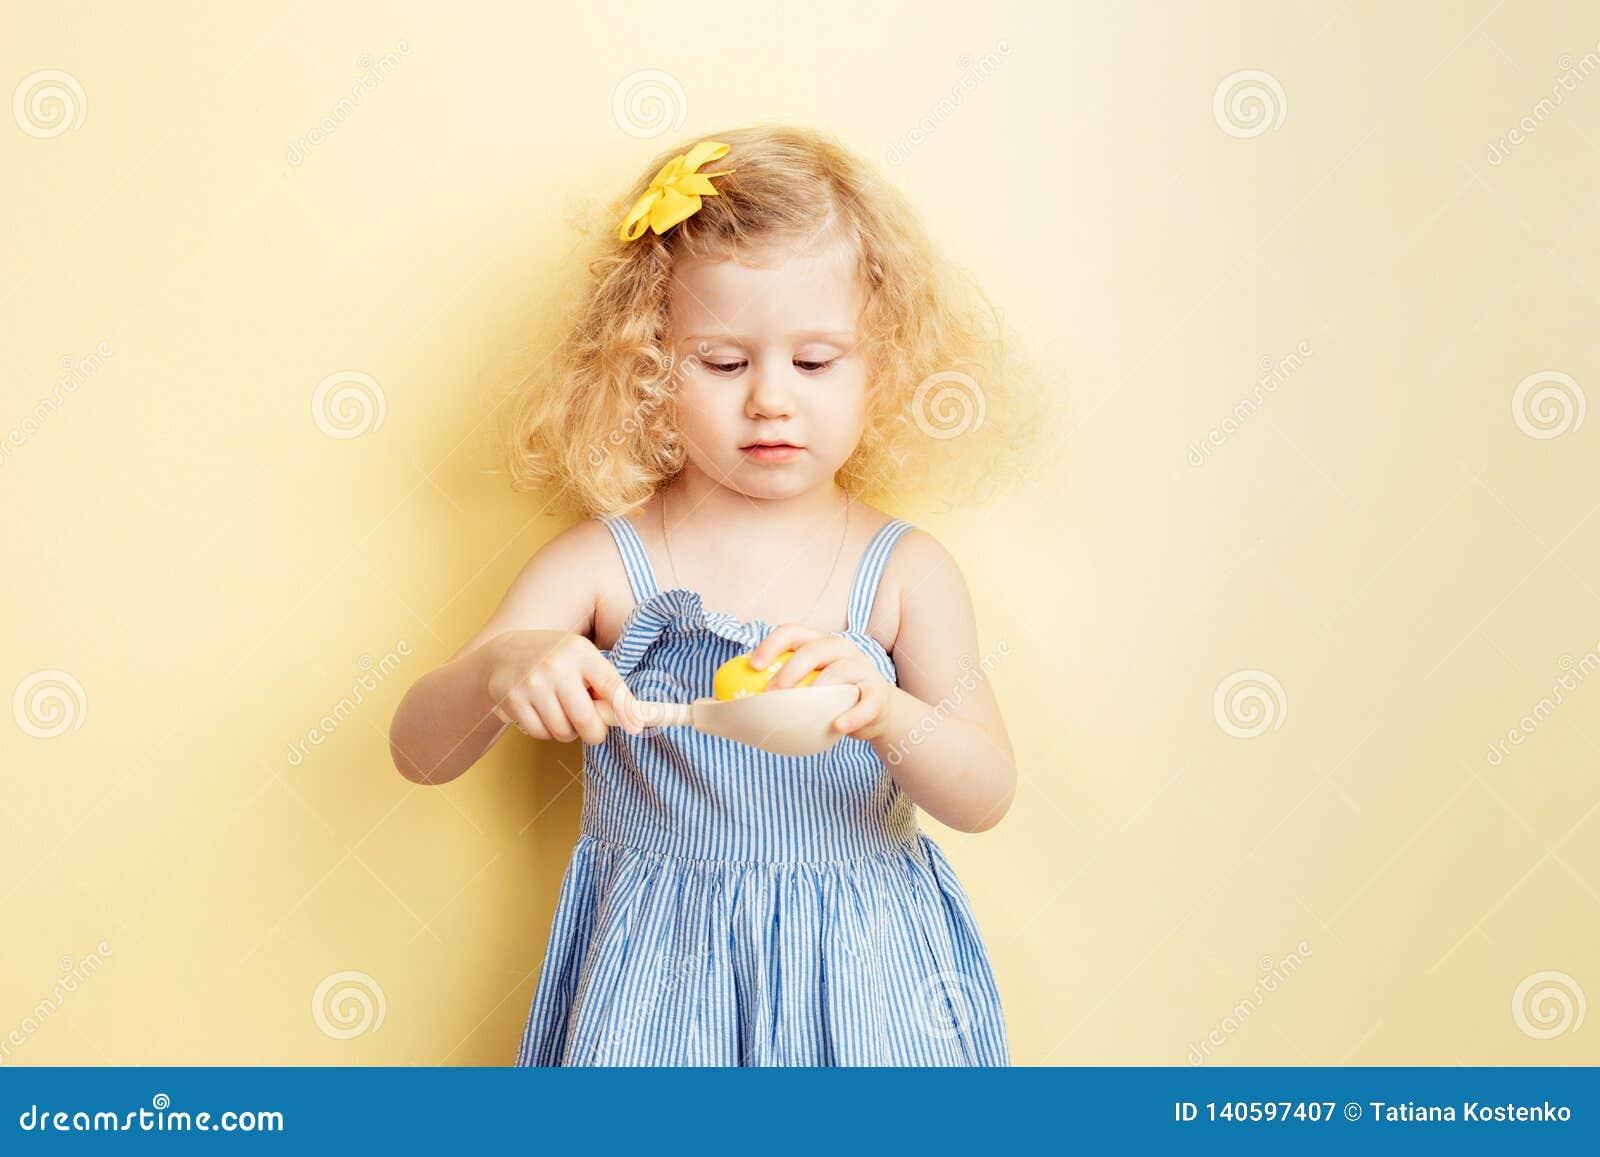 La petite fille bouclée de charme dans la robe bleu-clair tient une cuillère en bois avec un oeuf teint sur le fond du jaune